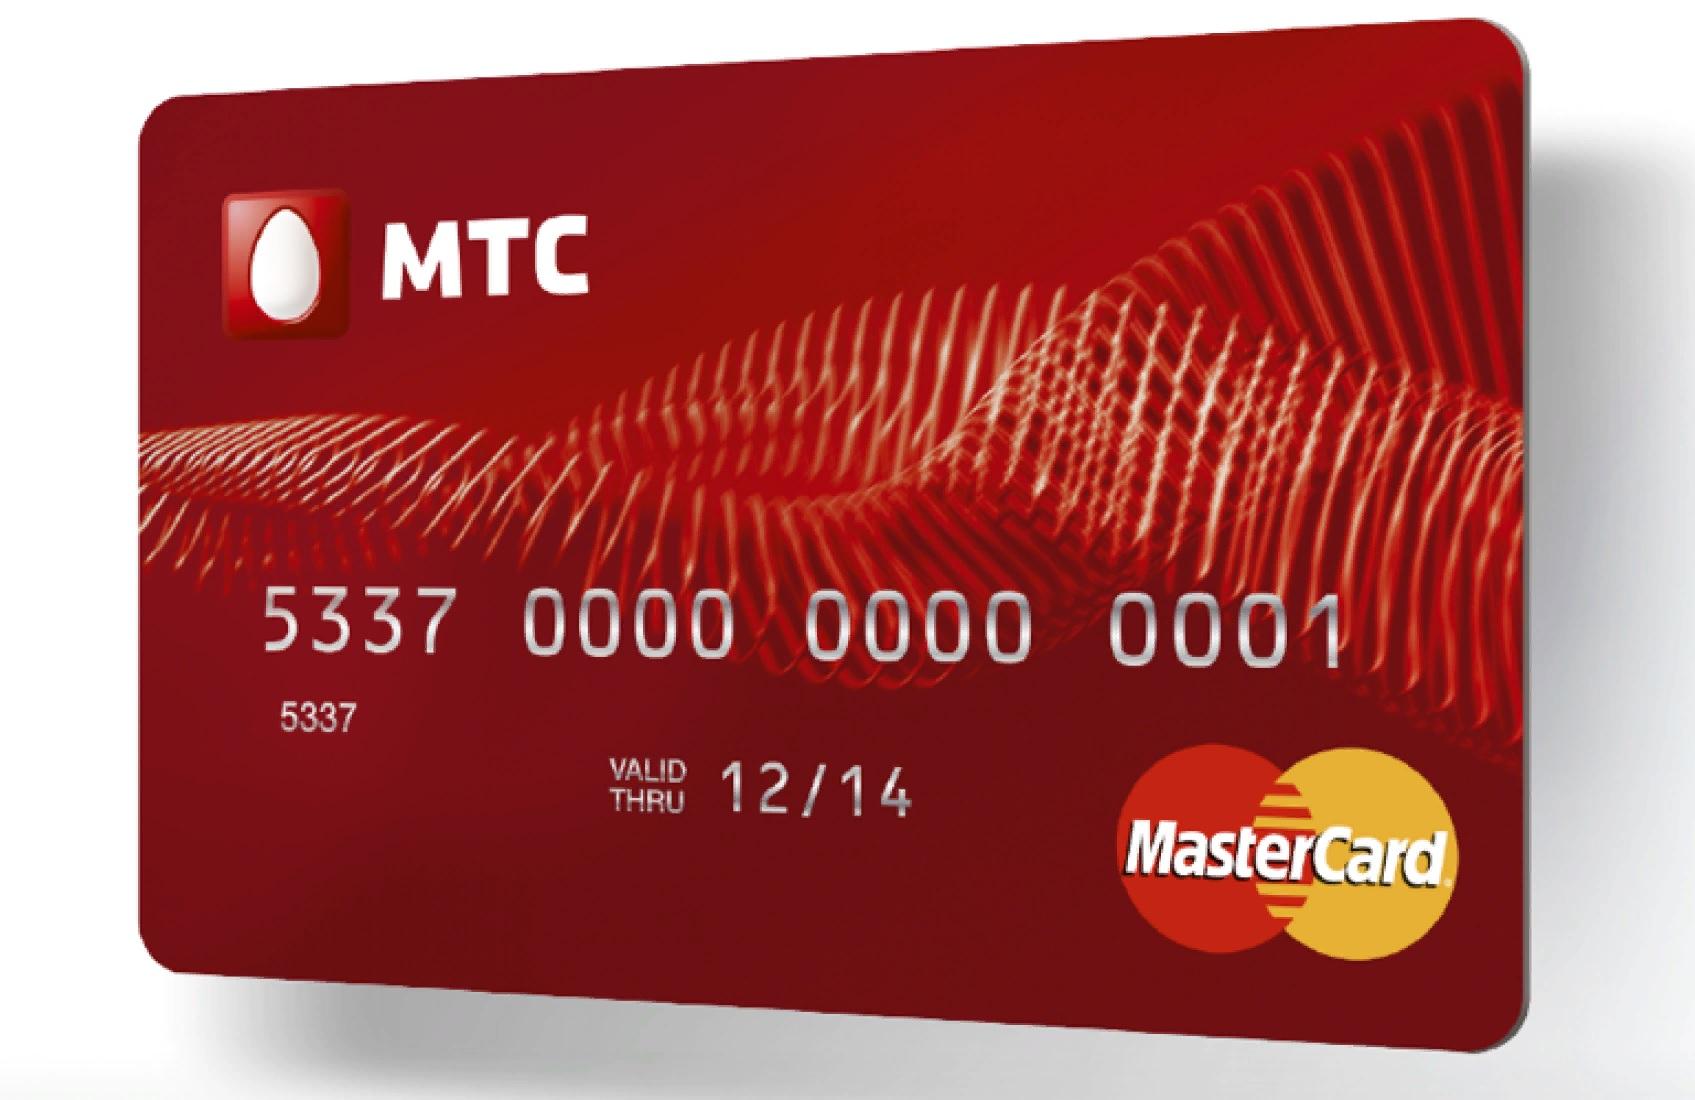 Мтс карта деньги что это такое и как пользоваться